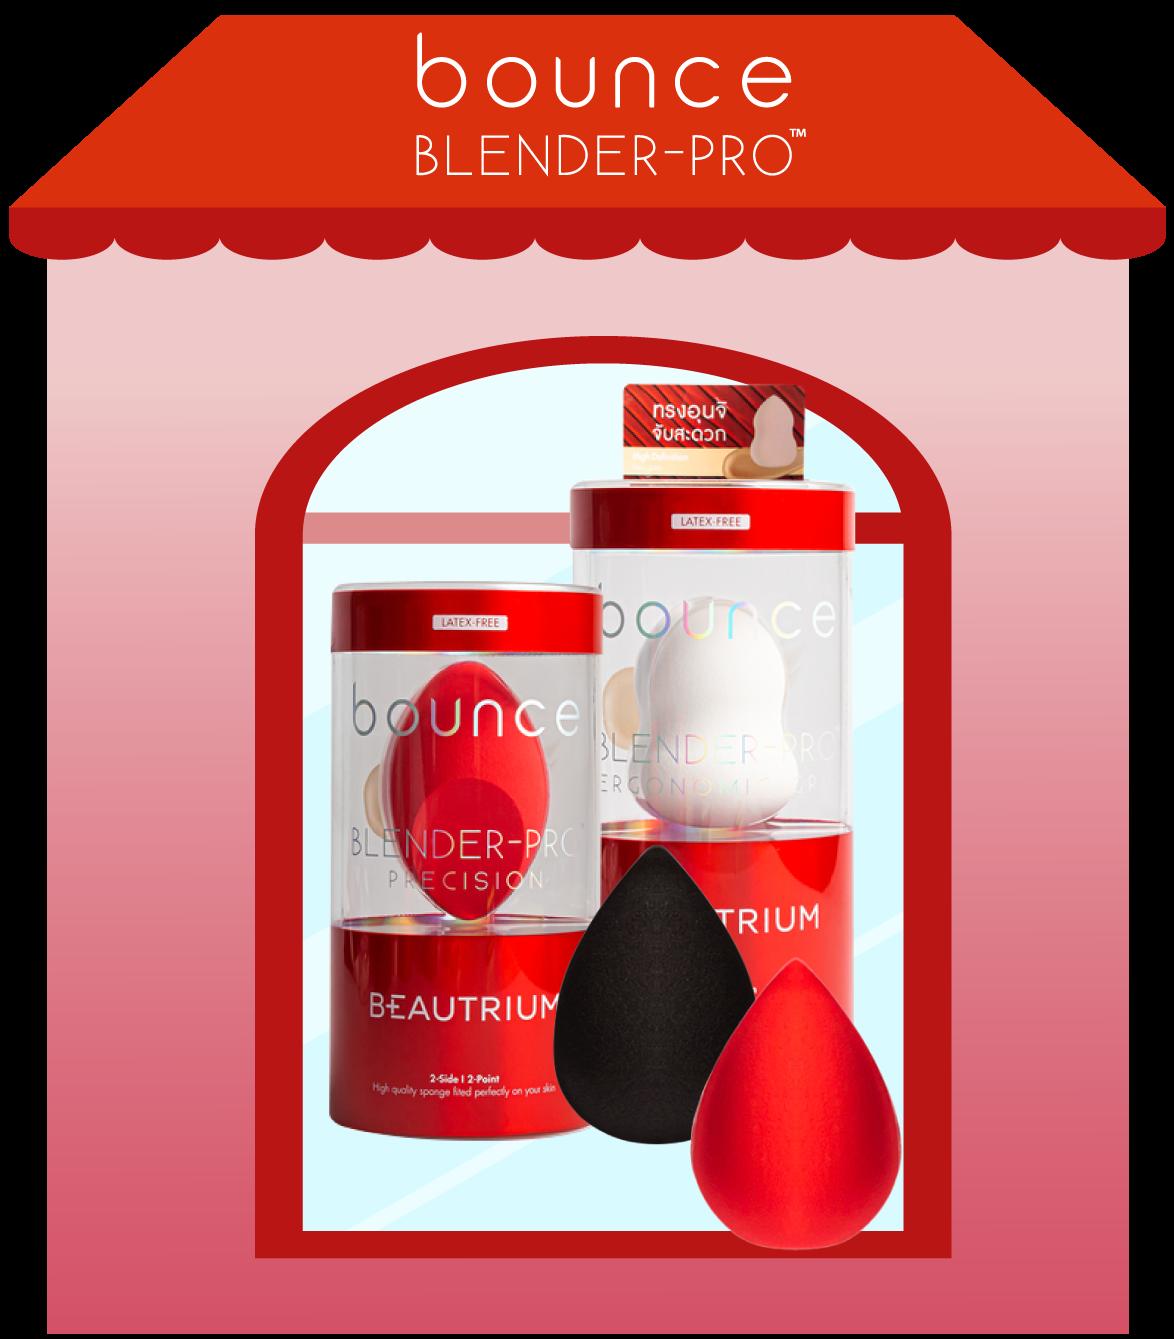 bounce BLENDER-PRO